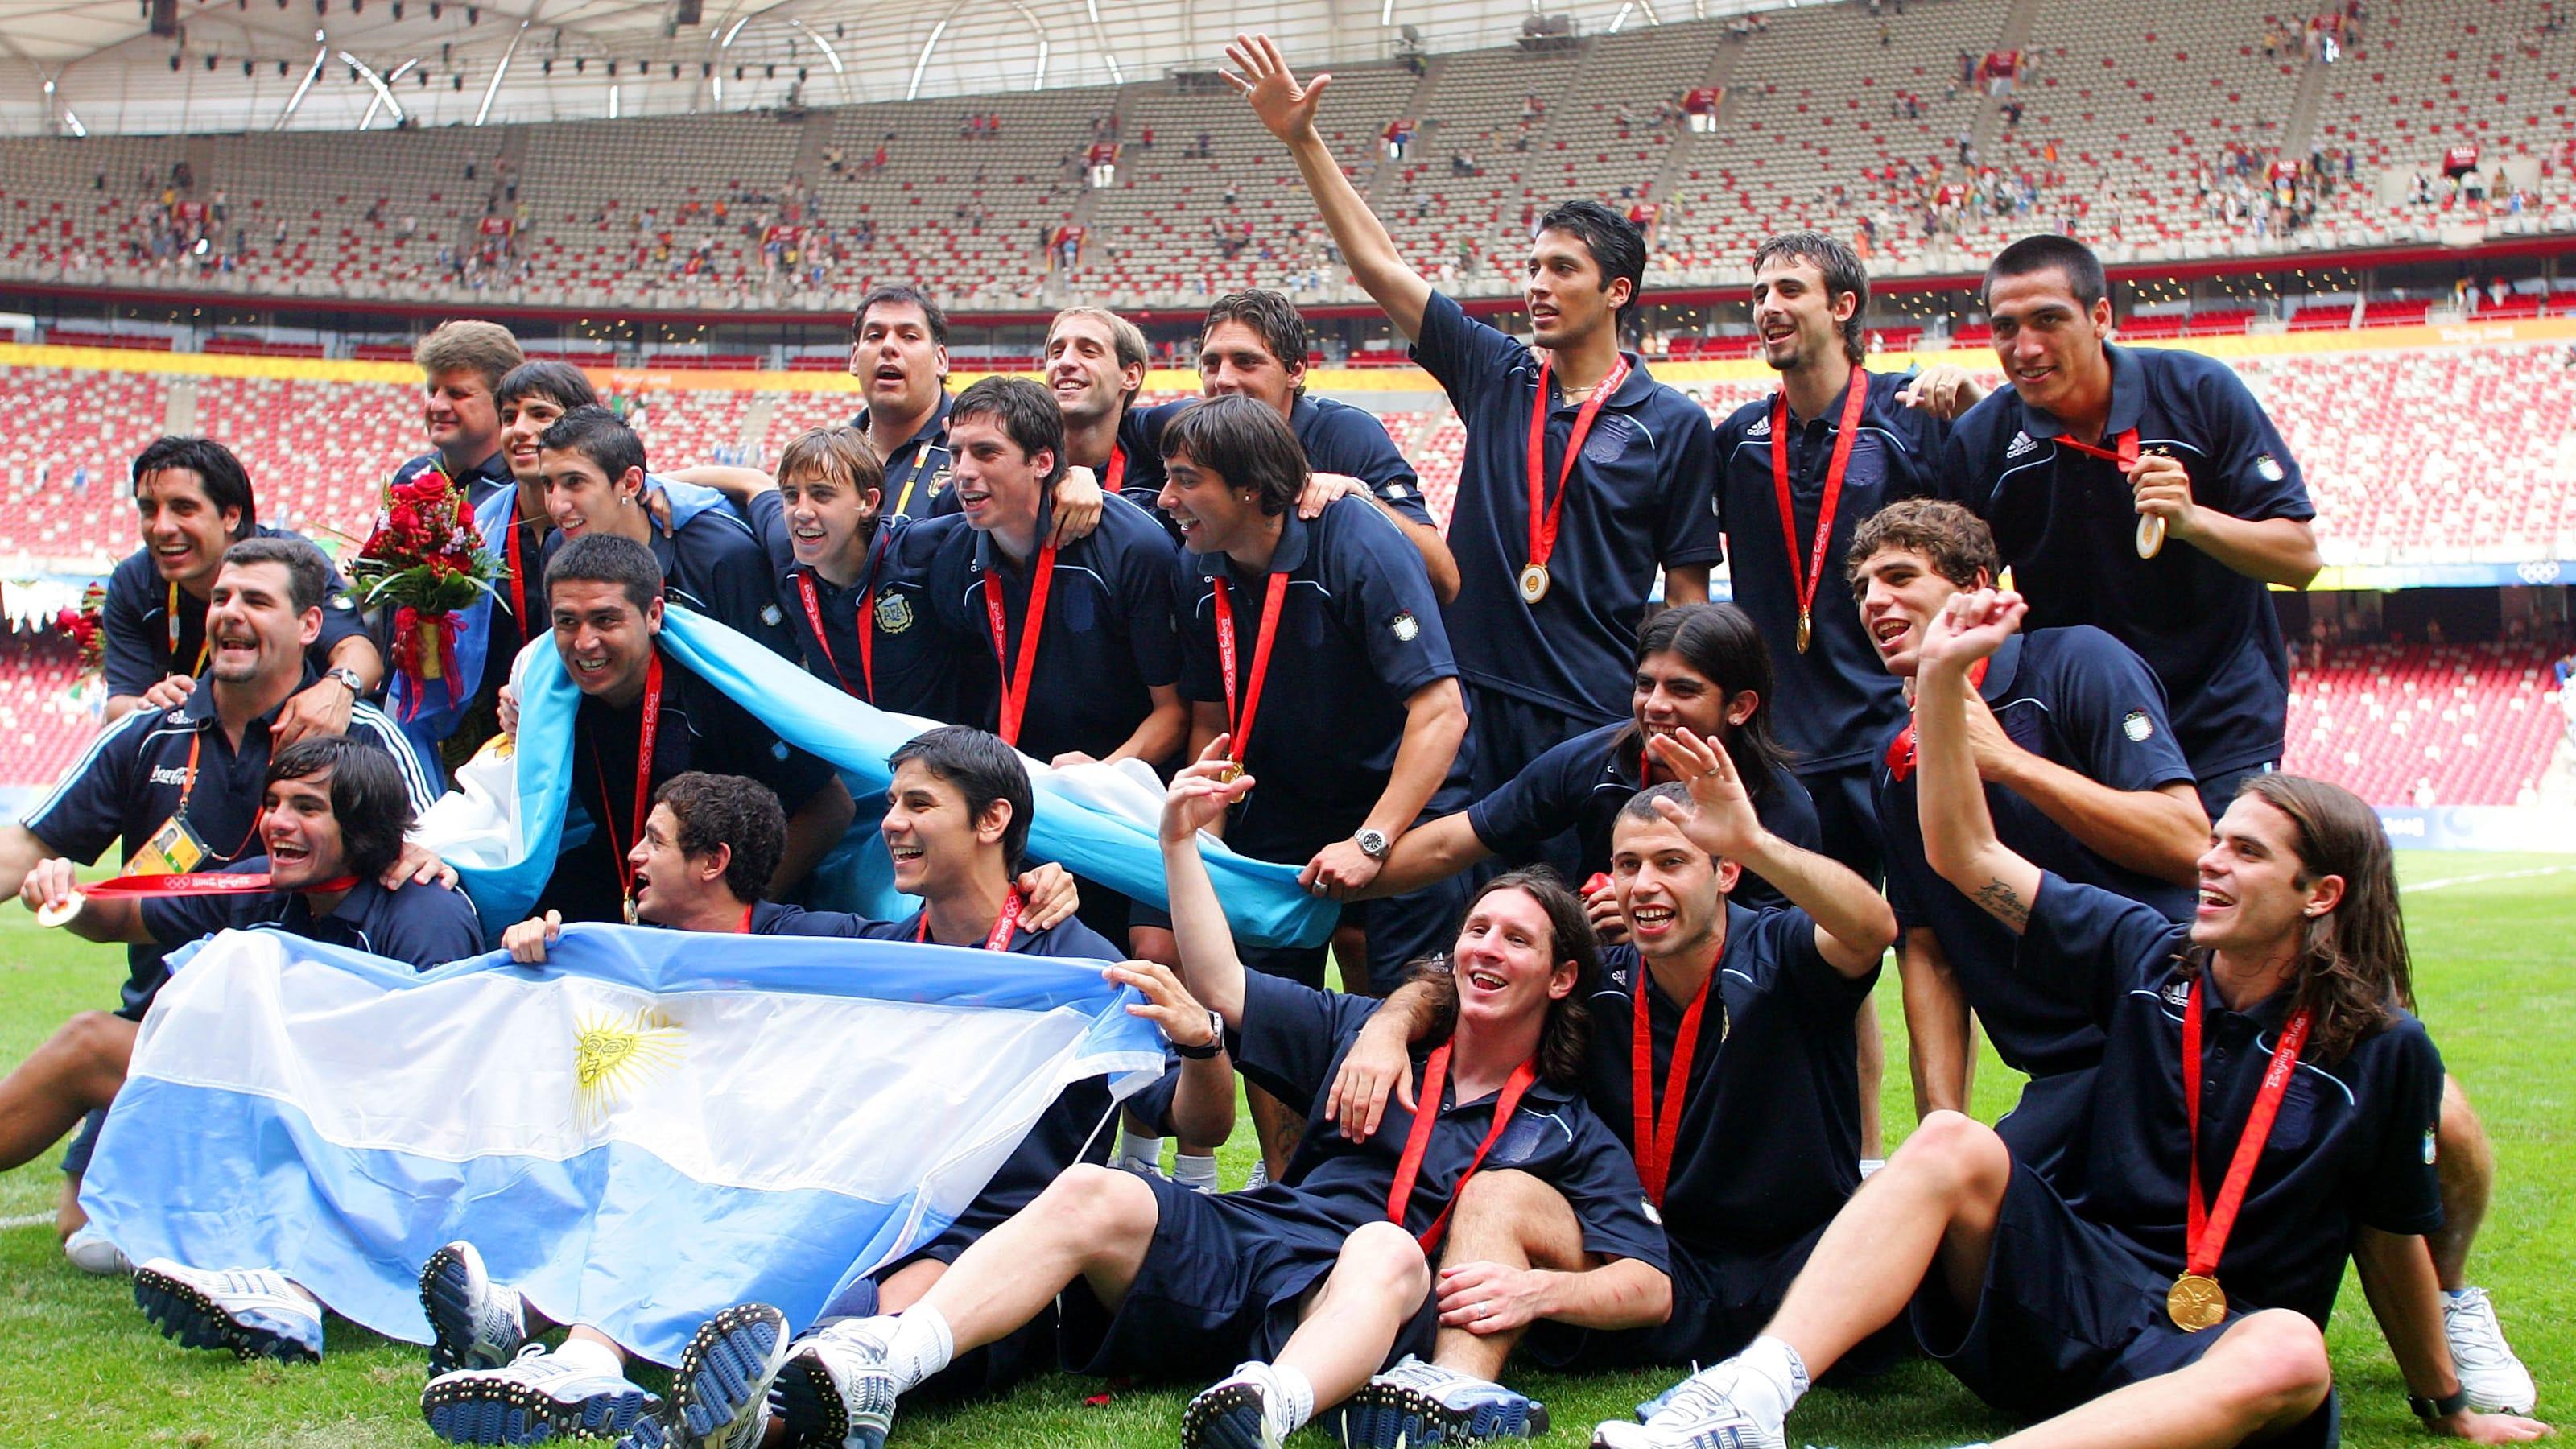 dónde están los futbolistas olímpicos de Argentina 12 años después Pekín 2008?